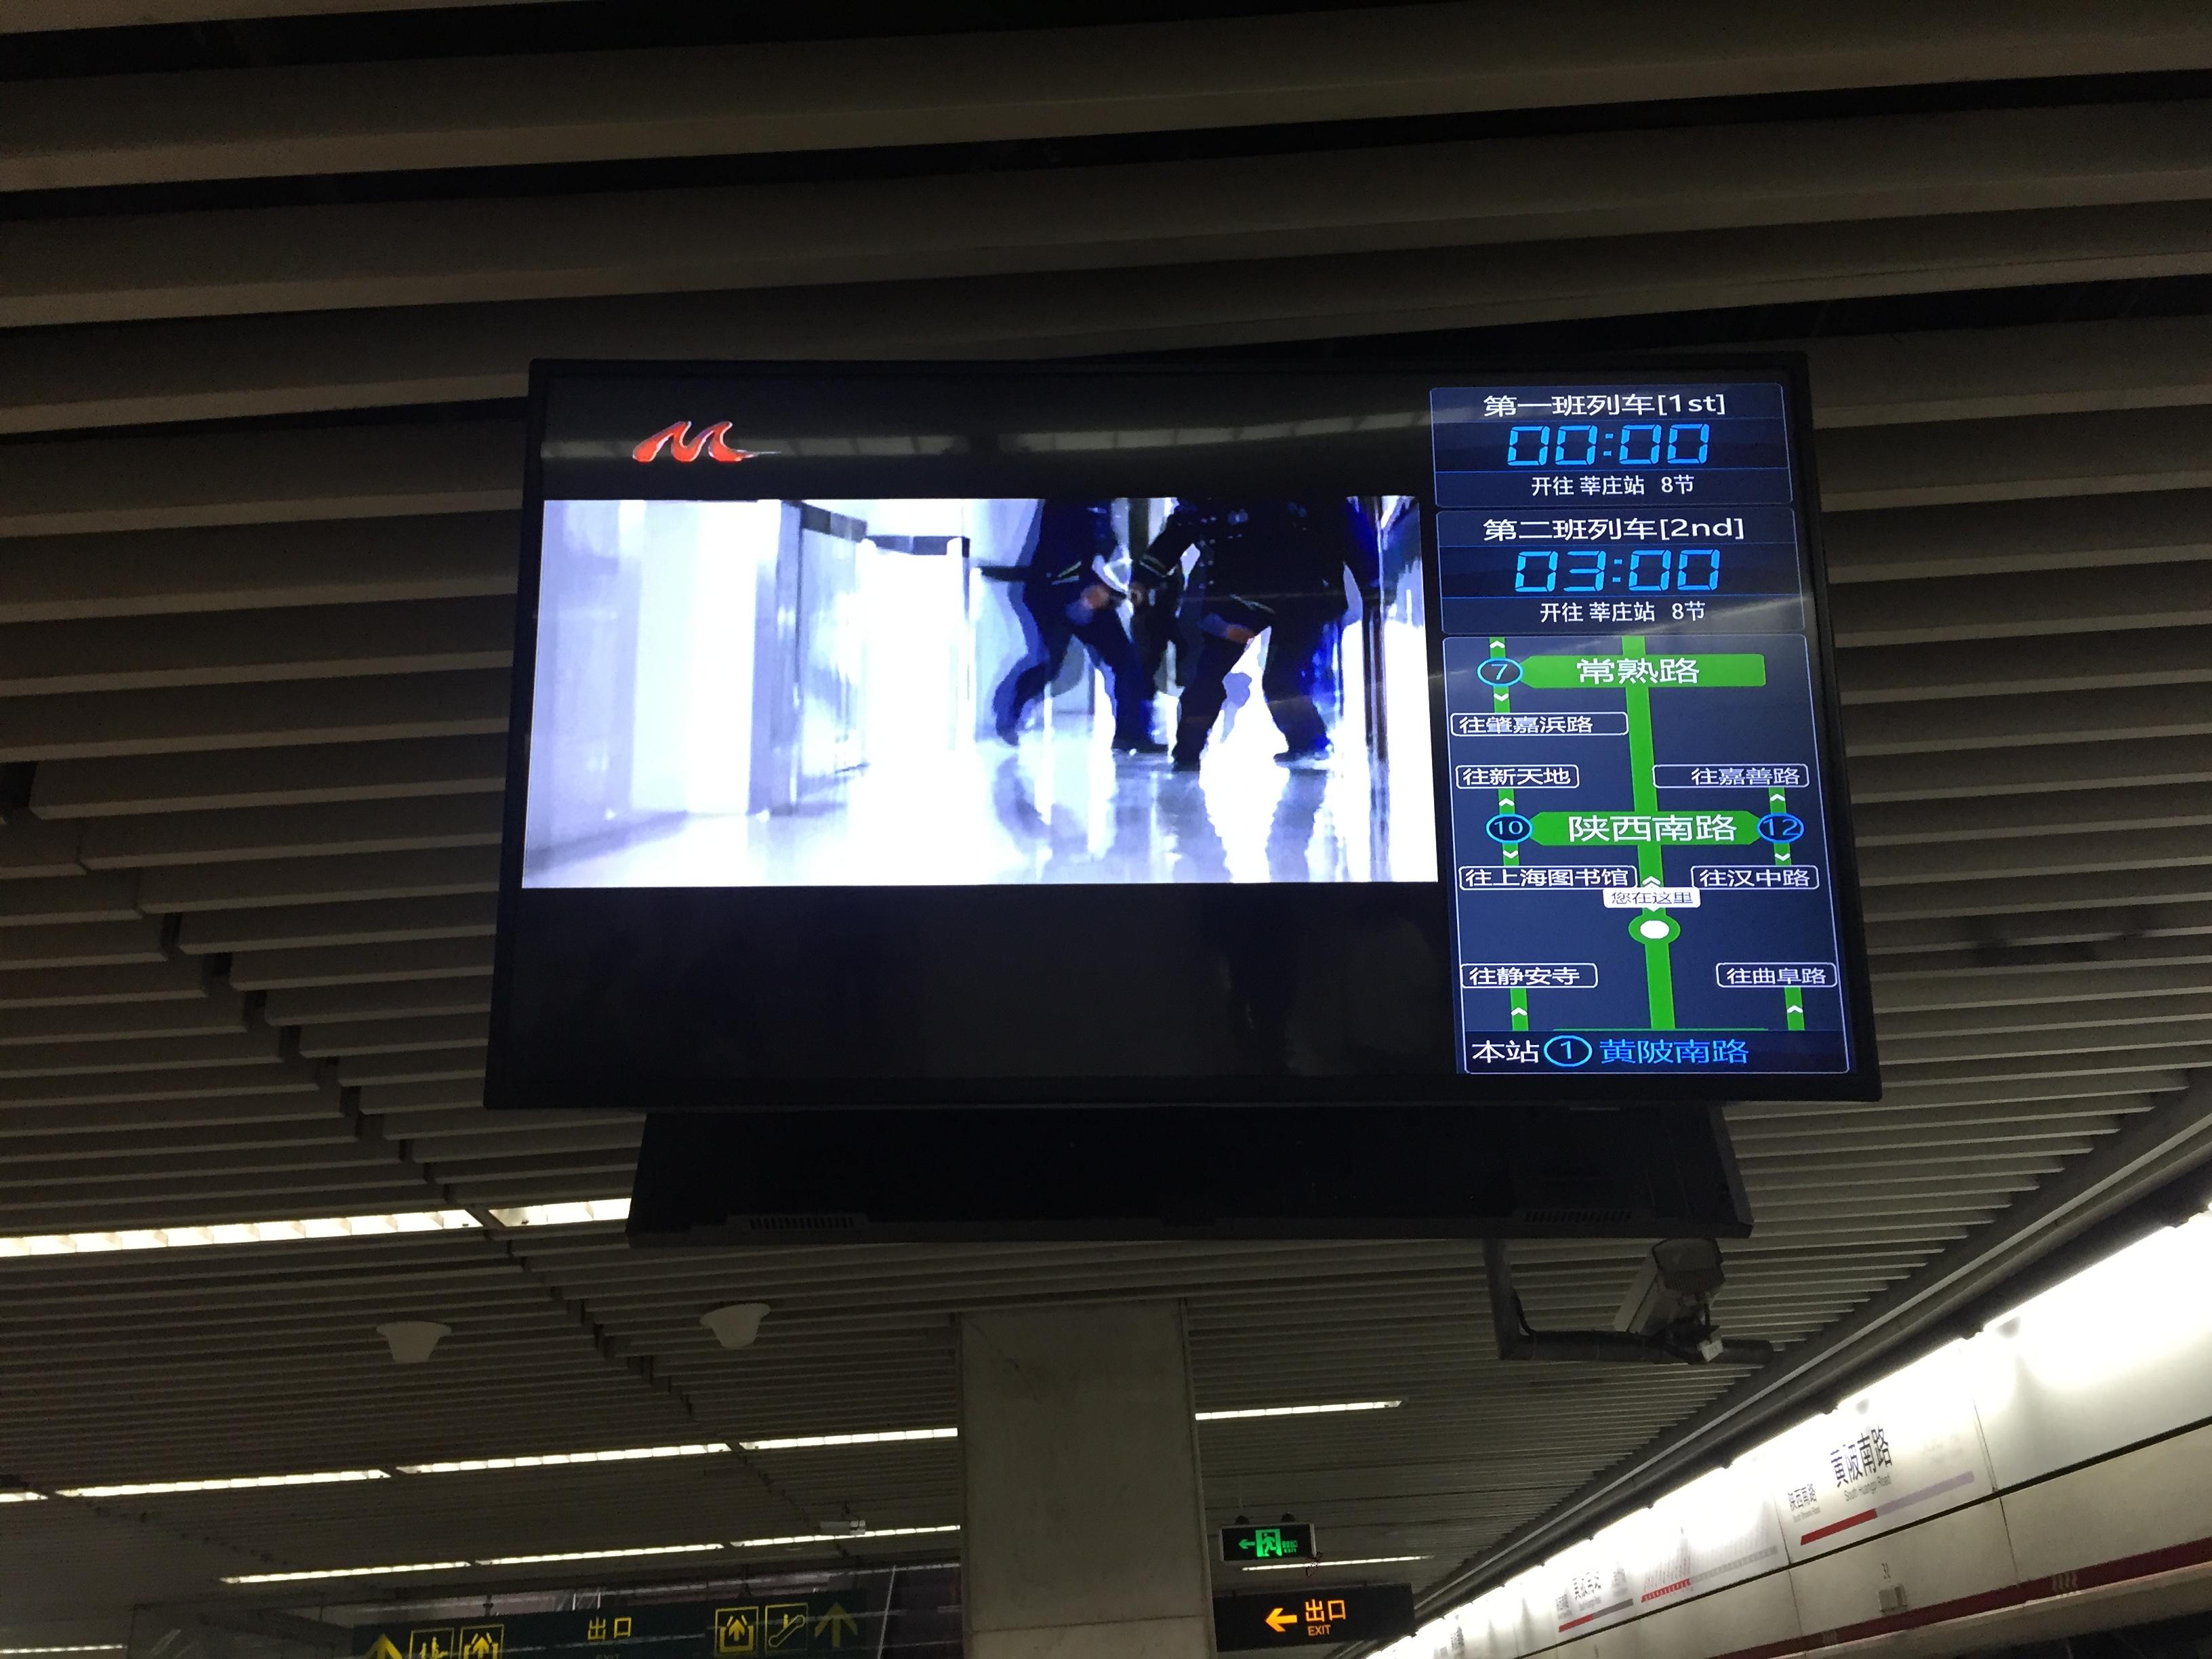 上海地铁视频联播网中秋好礼